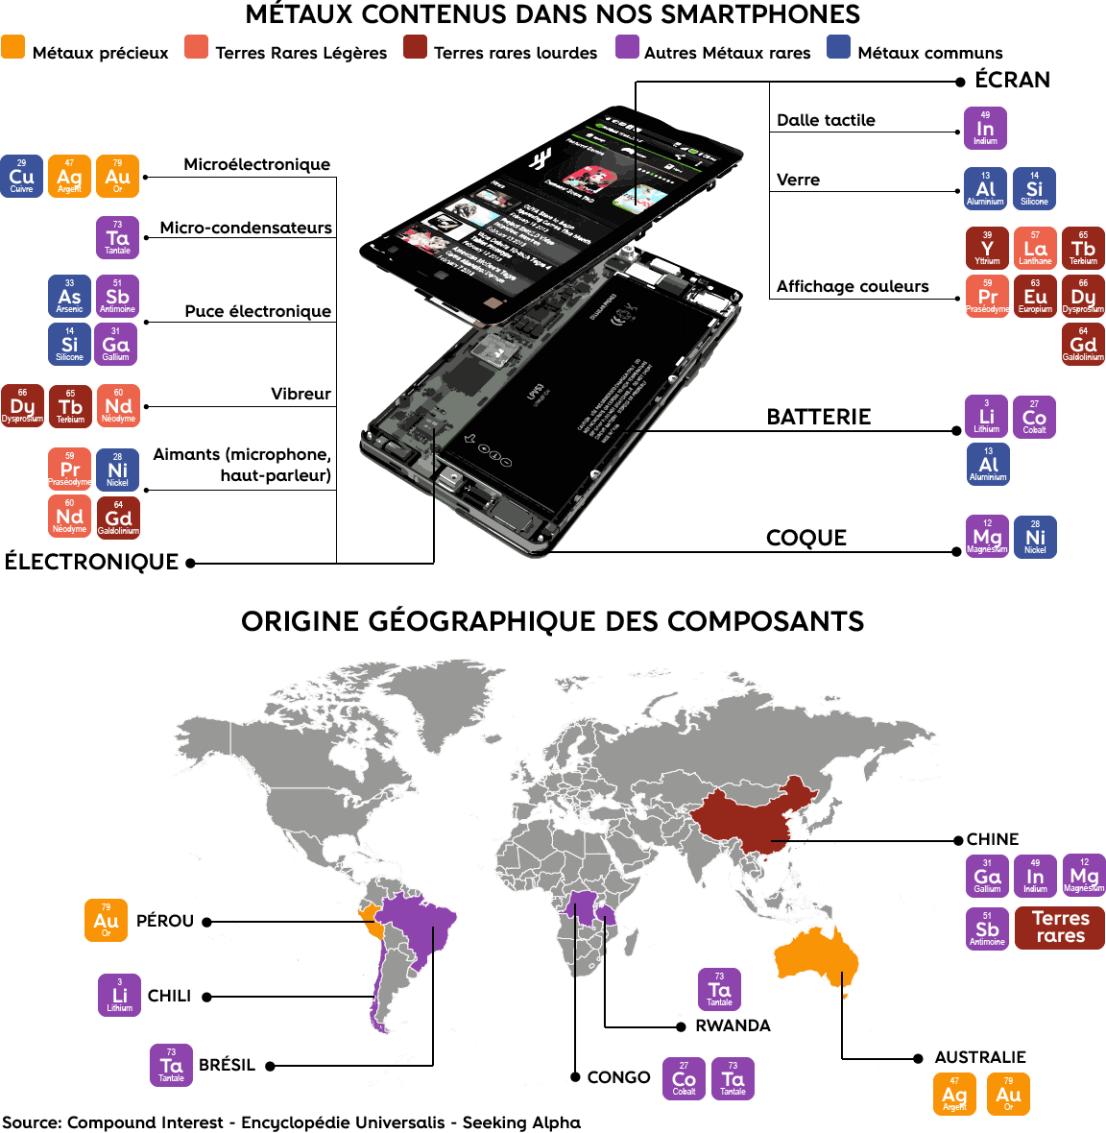 [Figure 5 : Métaux contenus dans nos smartphone et provenance des métaux, Compound interest – Encyclopédie Universalis – Seeking Alpha]